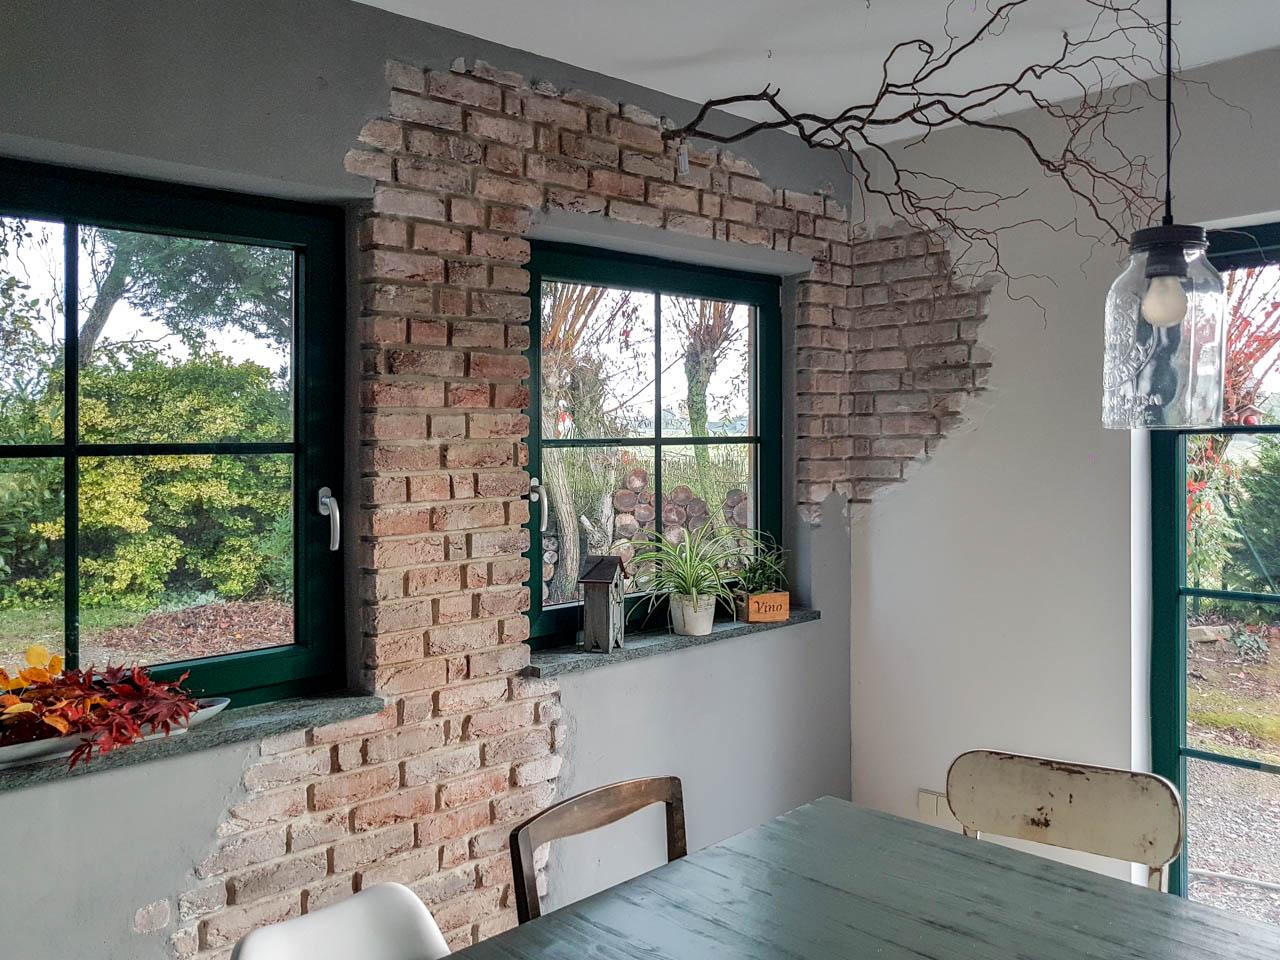 Esszimmer, Innenwand mit alten Steinverblendern eingeputz